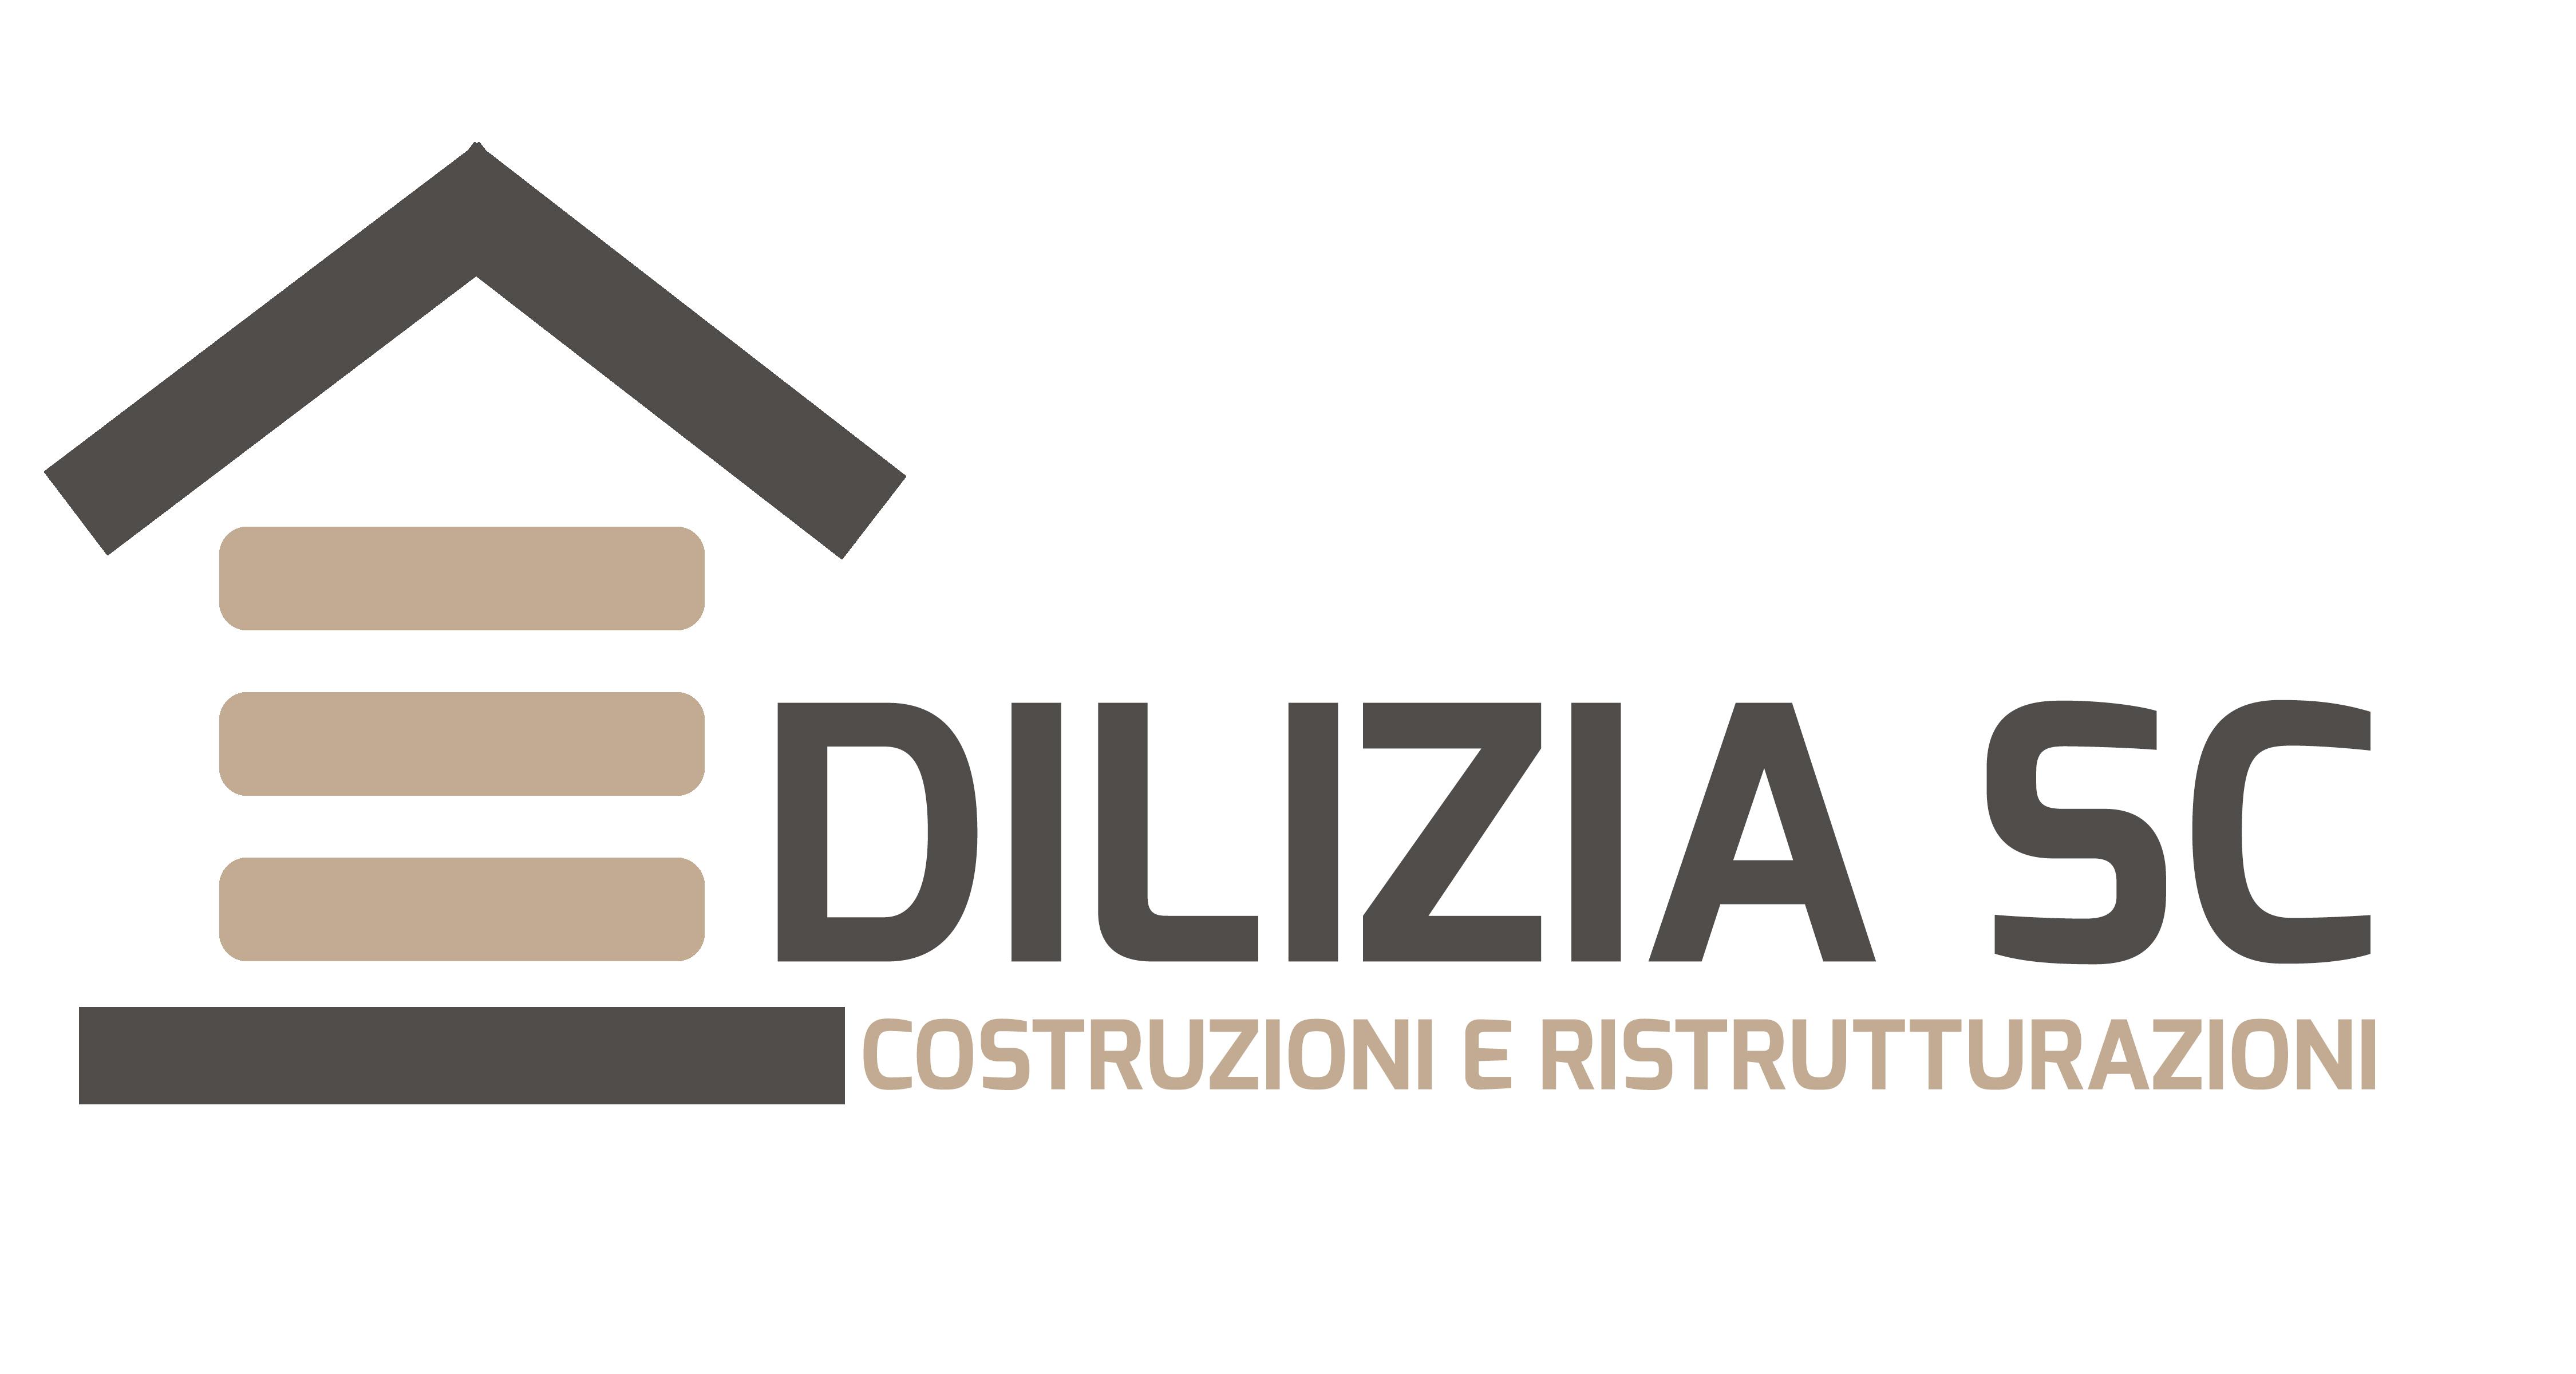 Imprese Di Costruzioni Catania lavora con noi - edilizia sc | impresa edile a roma